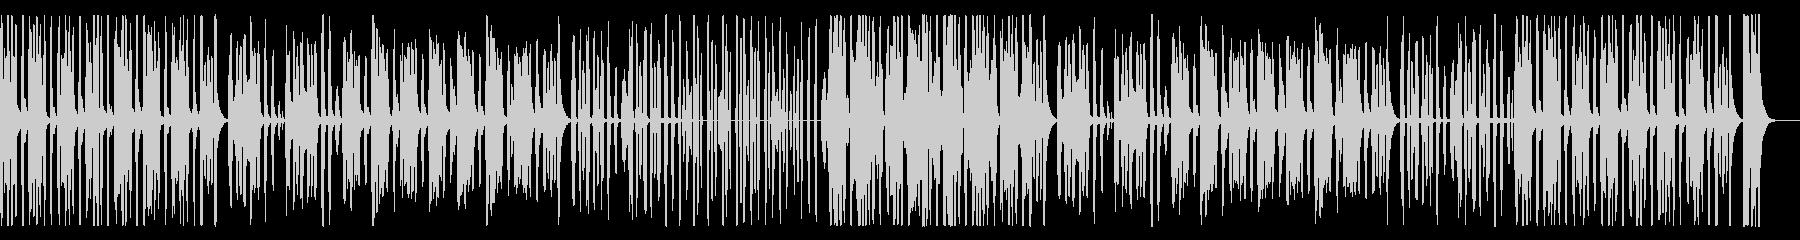 かわいいほのぼのリコーダー、子供の未再生の波形